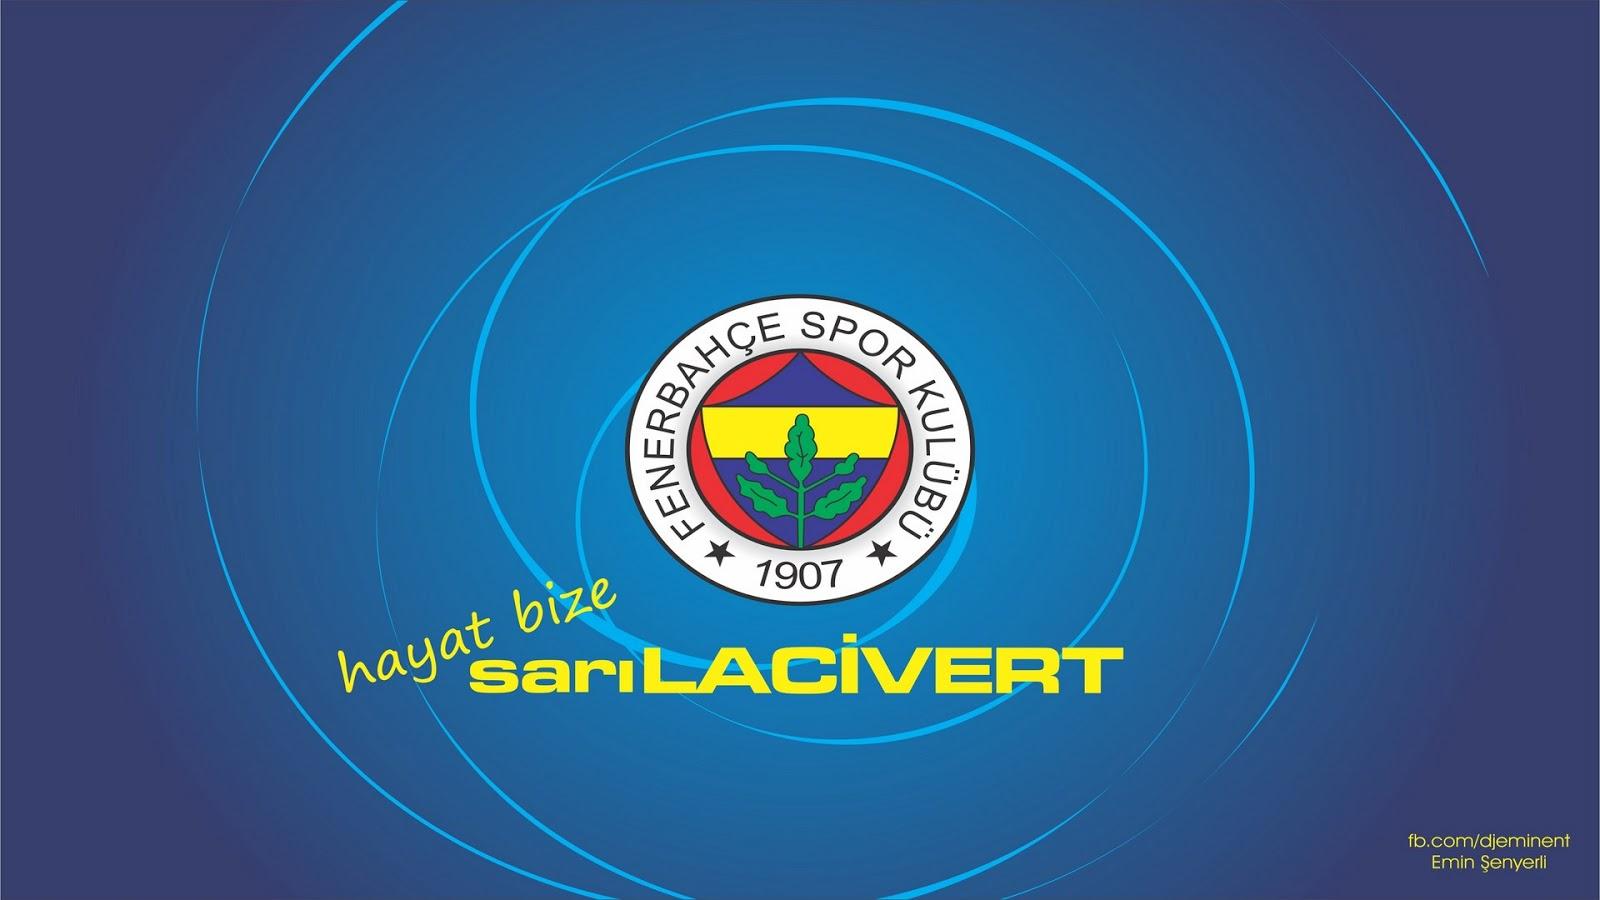 fenerbahce+resim+rooteto+20 Fenerbahçe HD Resimleri